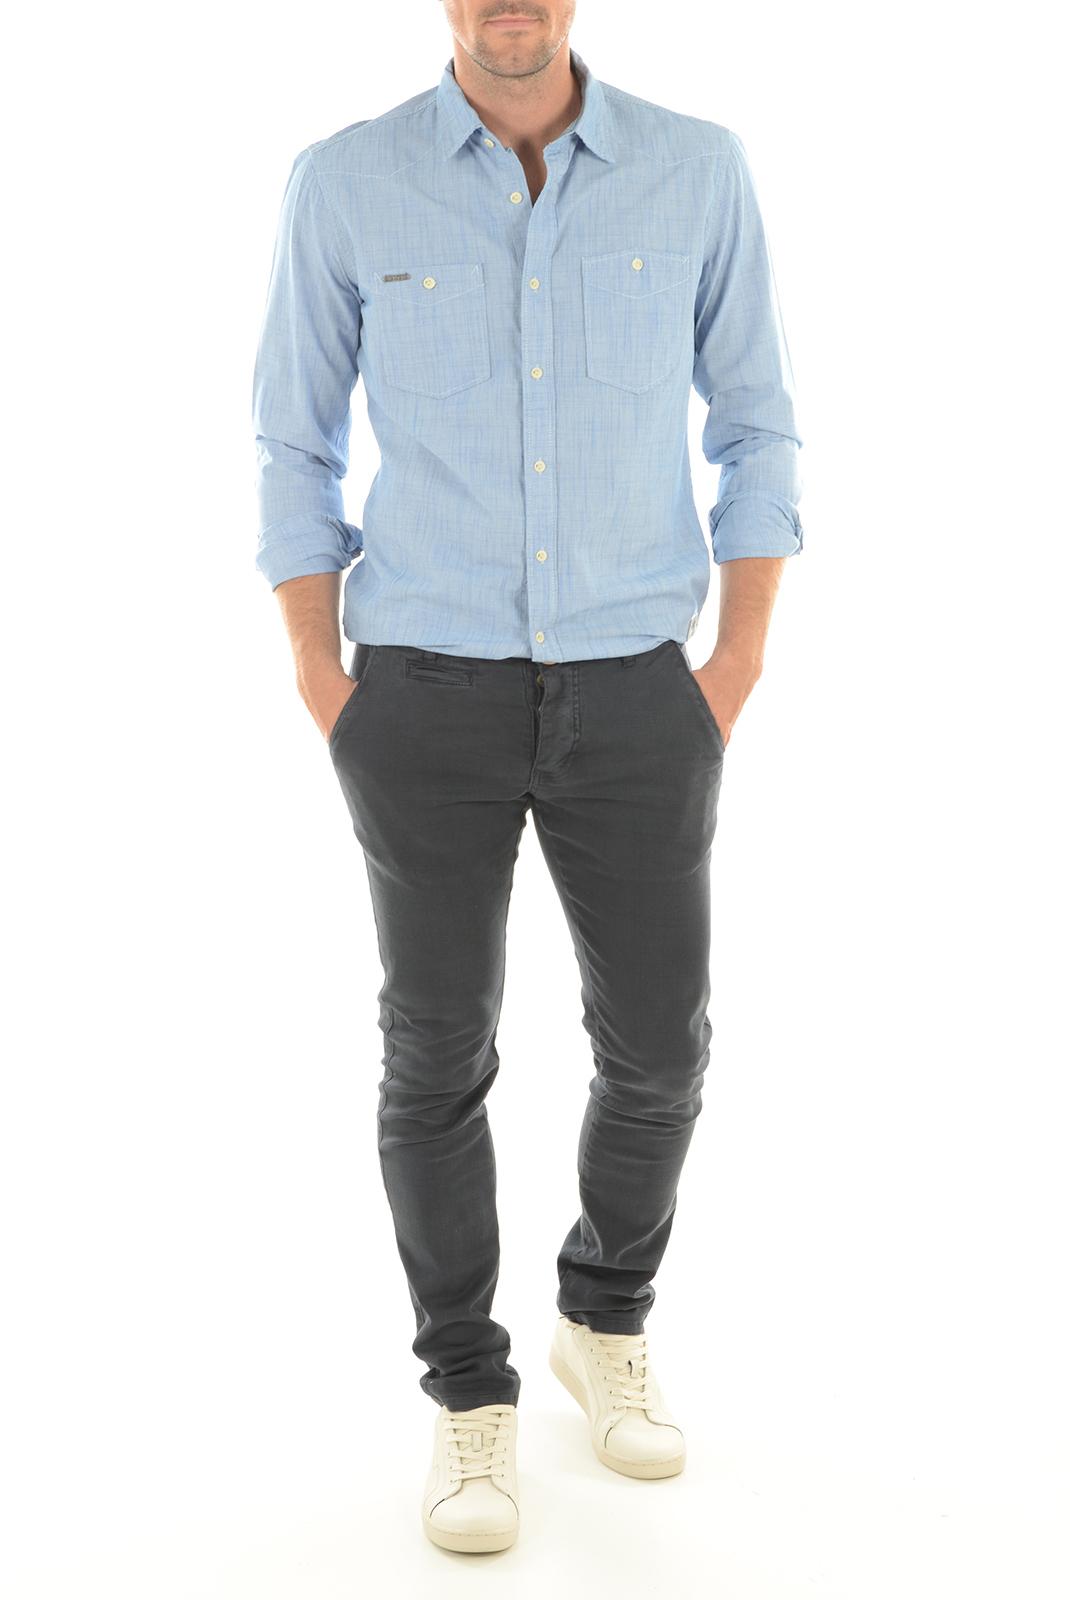 Pantalons  Biaggio jeans TYLA BLEU